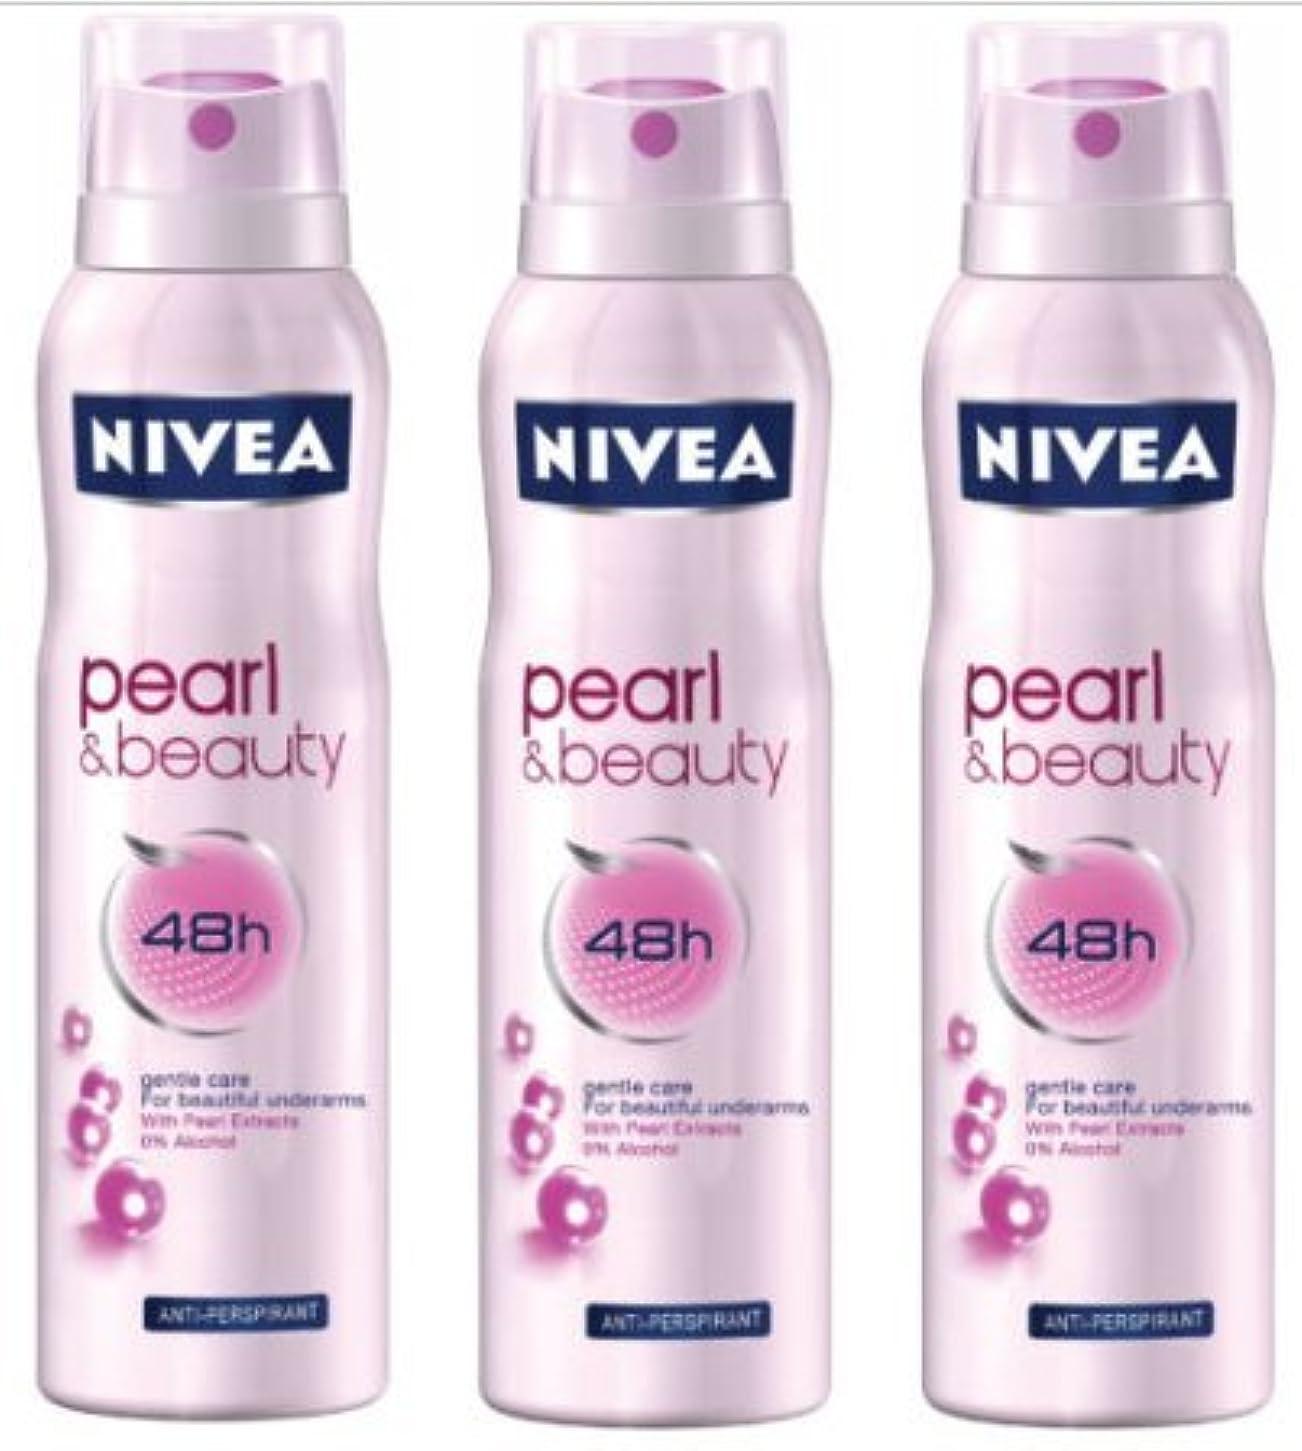 ティッシュ綺麗なかすれた3 Nivea Pearl & Beauty Spray Deodorant Anti-perspirant 150ml - India - 並行輸入品 - 3 xニベアパール&ビューティスプレーデオドラントアンチパーマプライ...